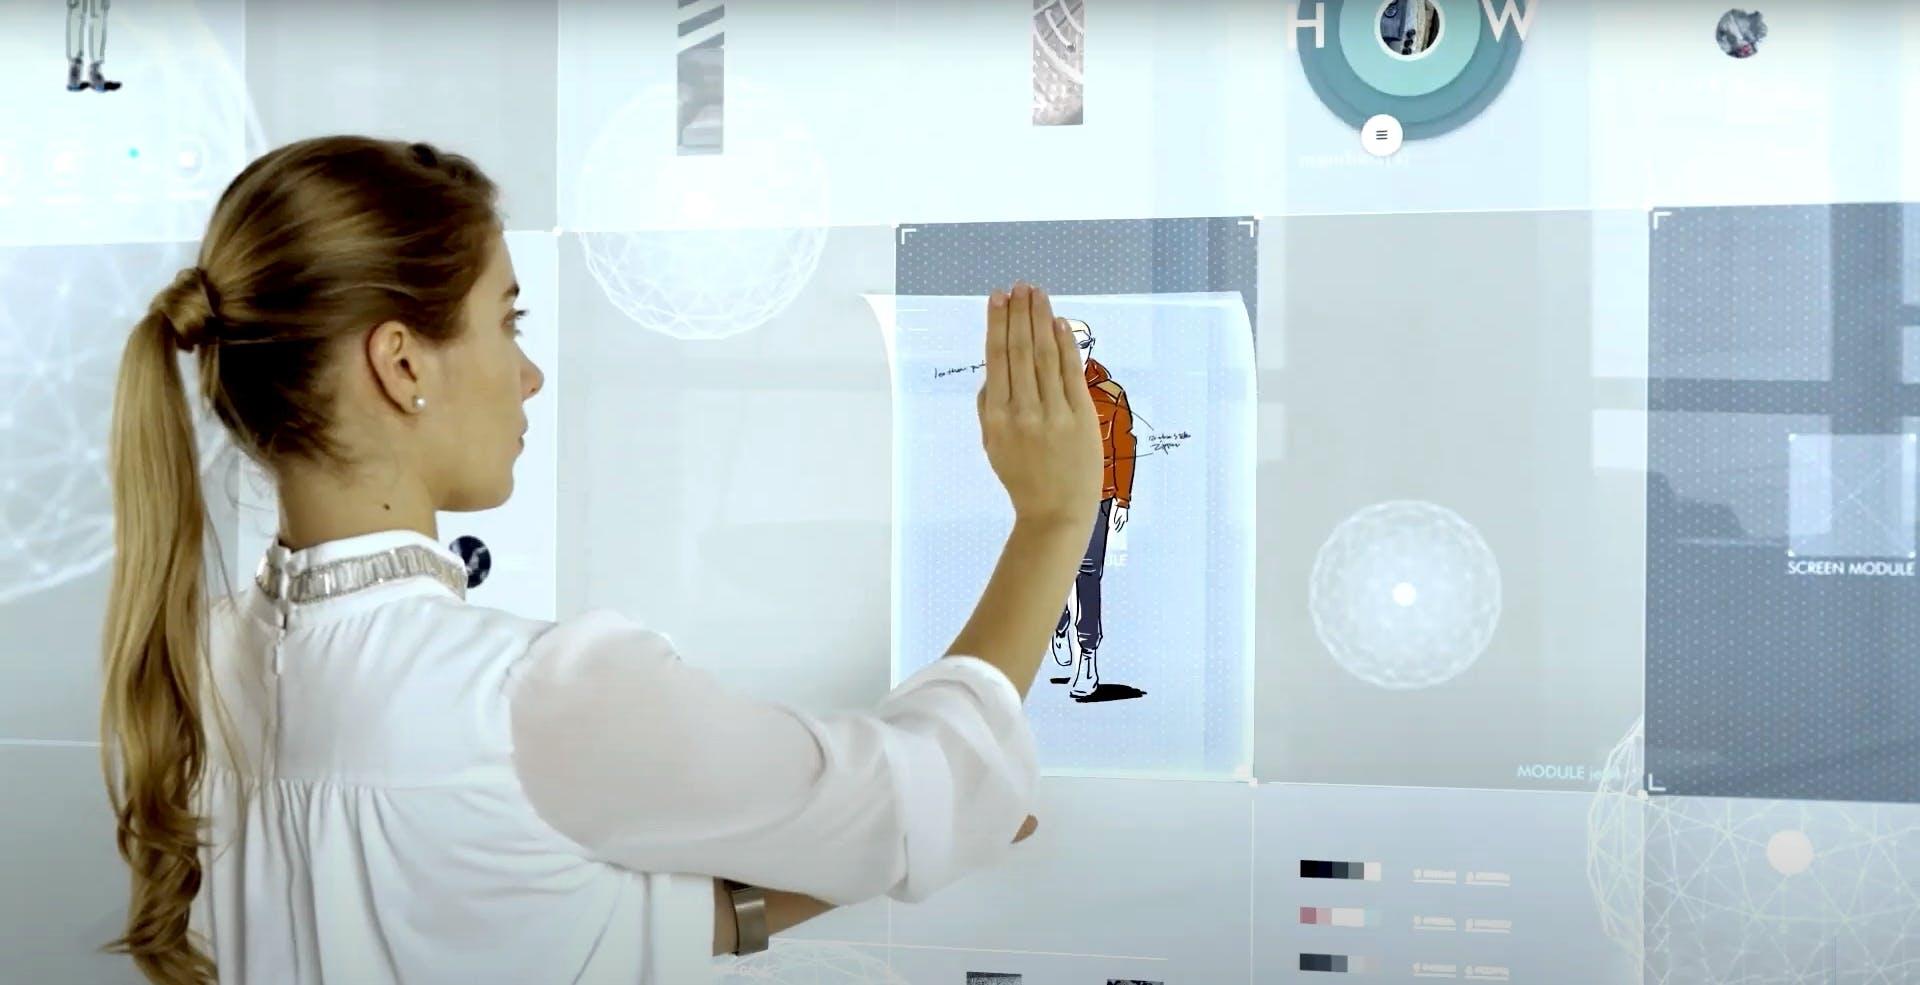 Il futuro degli schermi OLED secondo LG Display: sottili come fogli, trasparenti e su tutte le superfici